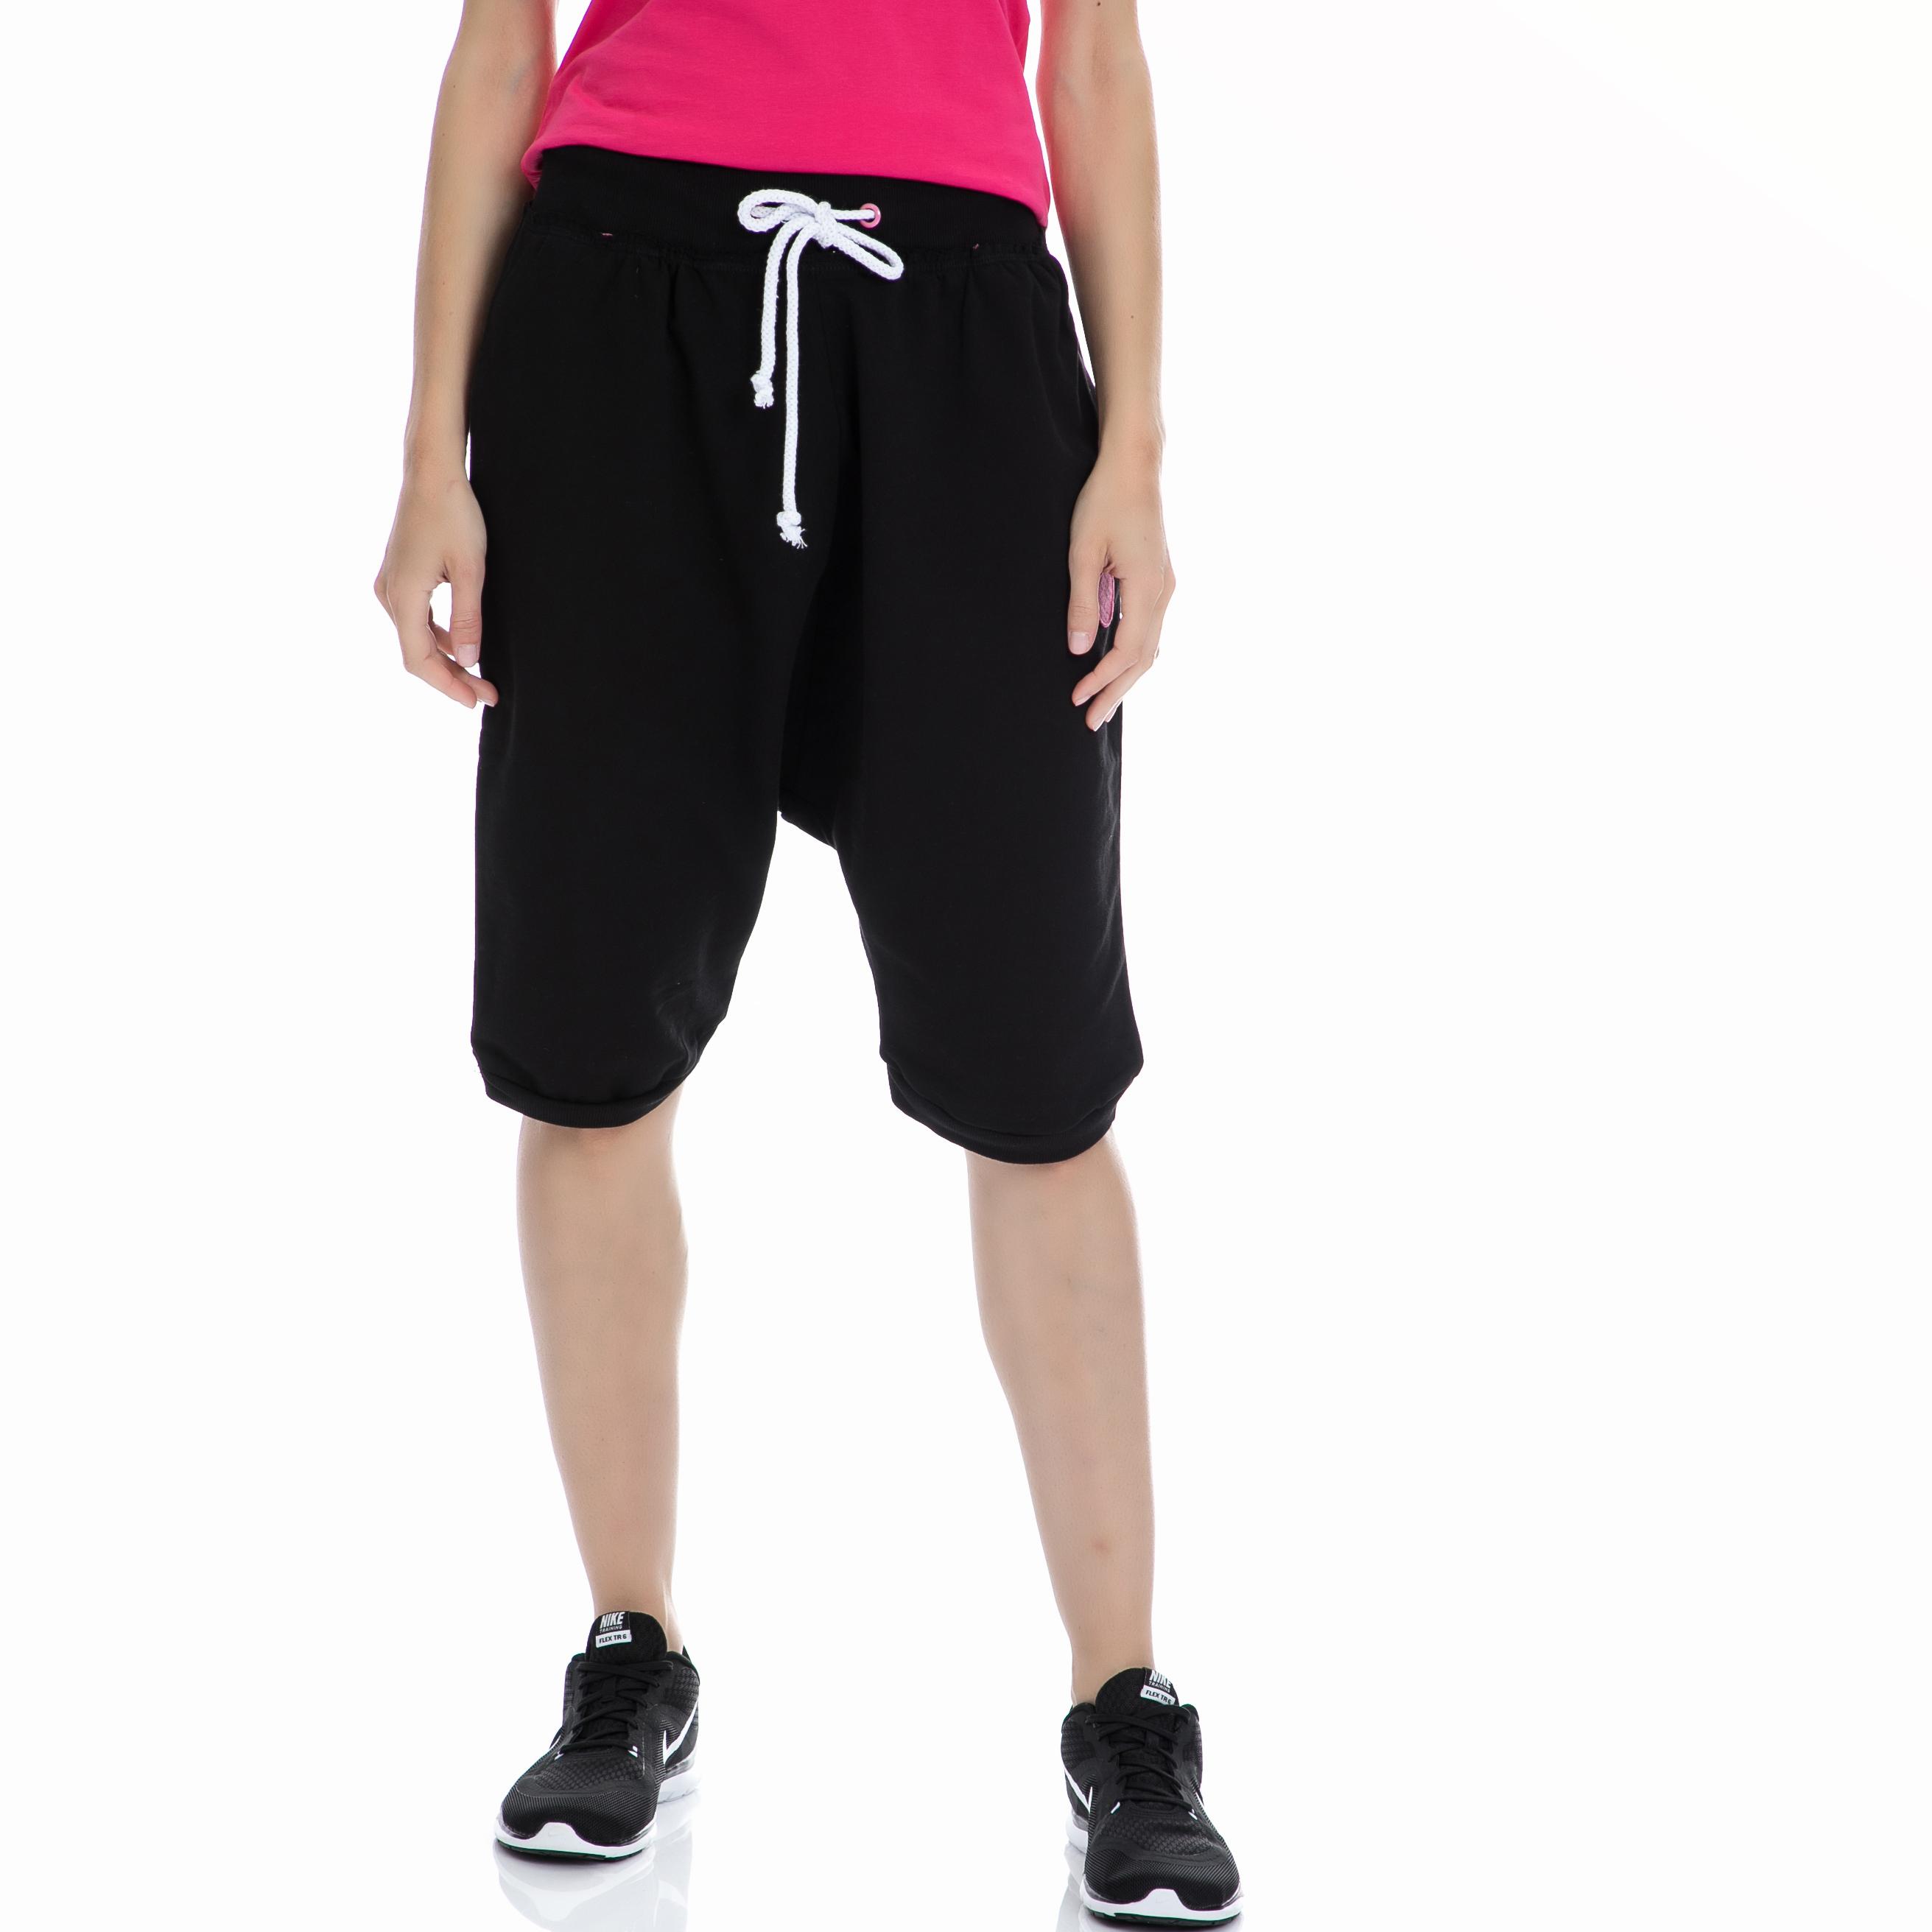 BODYTALK - Γυναικεία βερμούδα BODYTALK μαύρη γυναικεία ρούχα σορτς βερμούδες αθλητικά